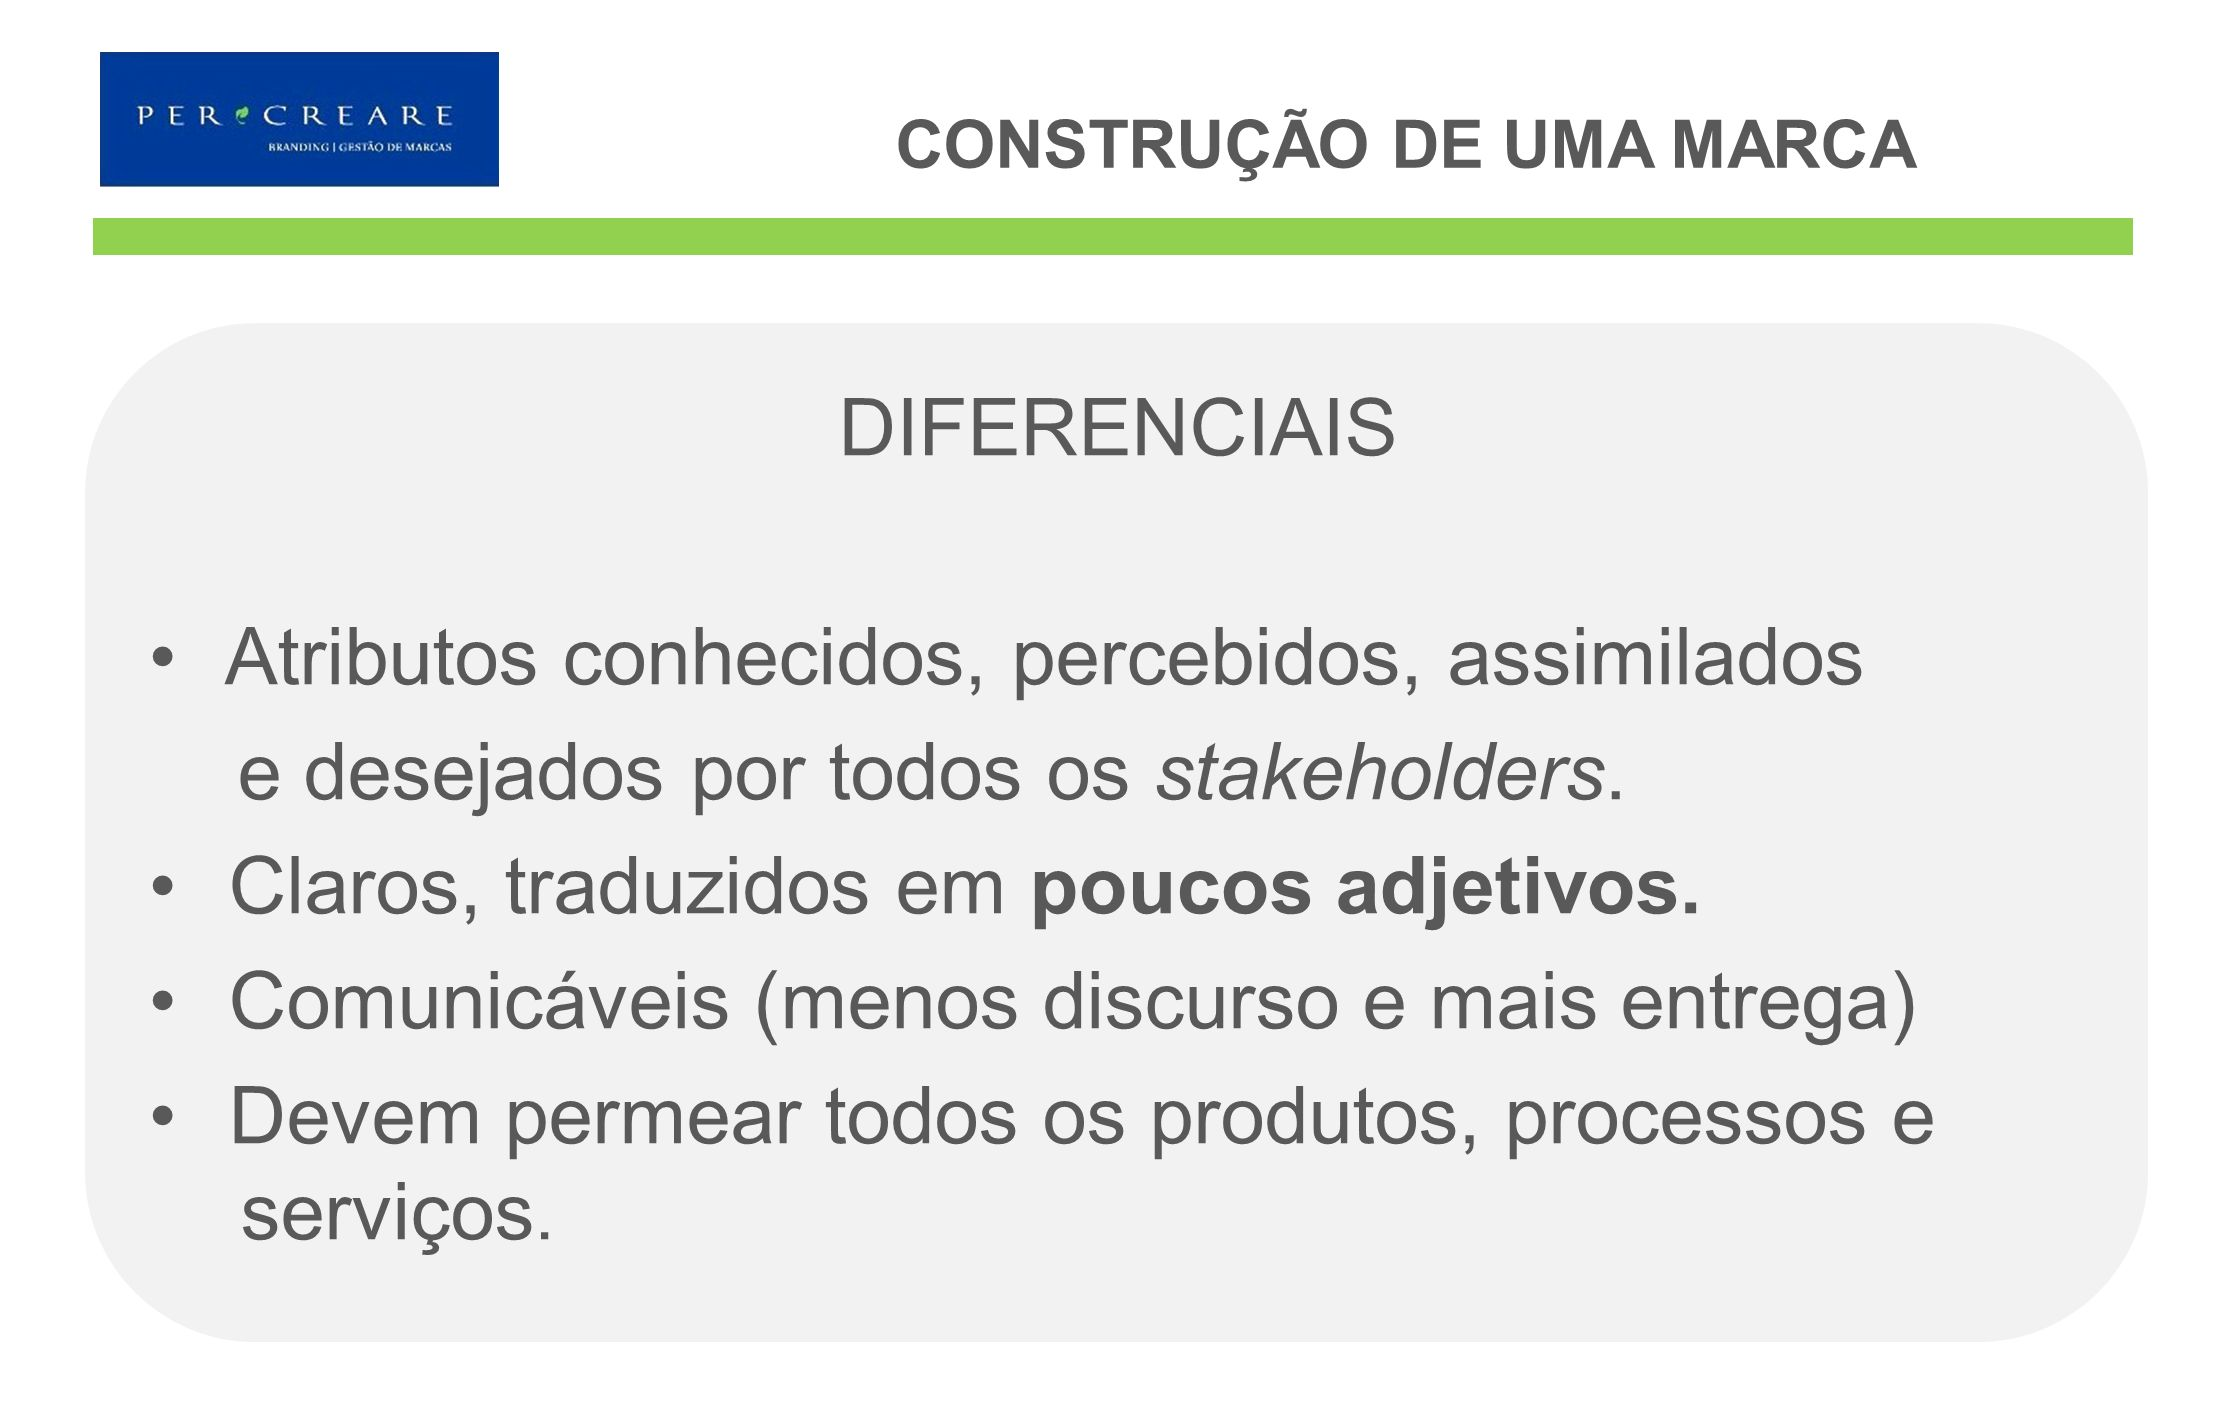 DIFERENCIAIS Atributos conhecidos, percebidos, assimilados e desejados por todos os stakeholders. Claros, traduzidos em poucos adjetivos. Comunicáveis